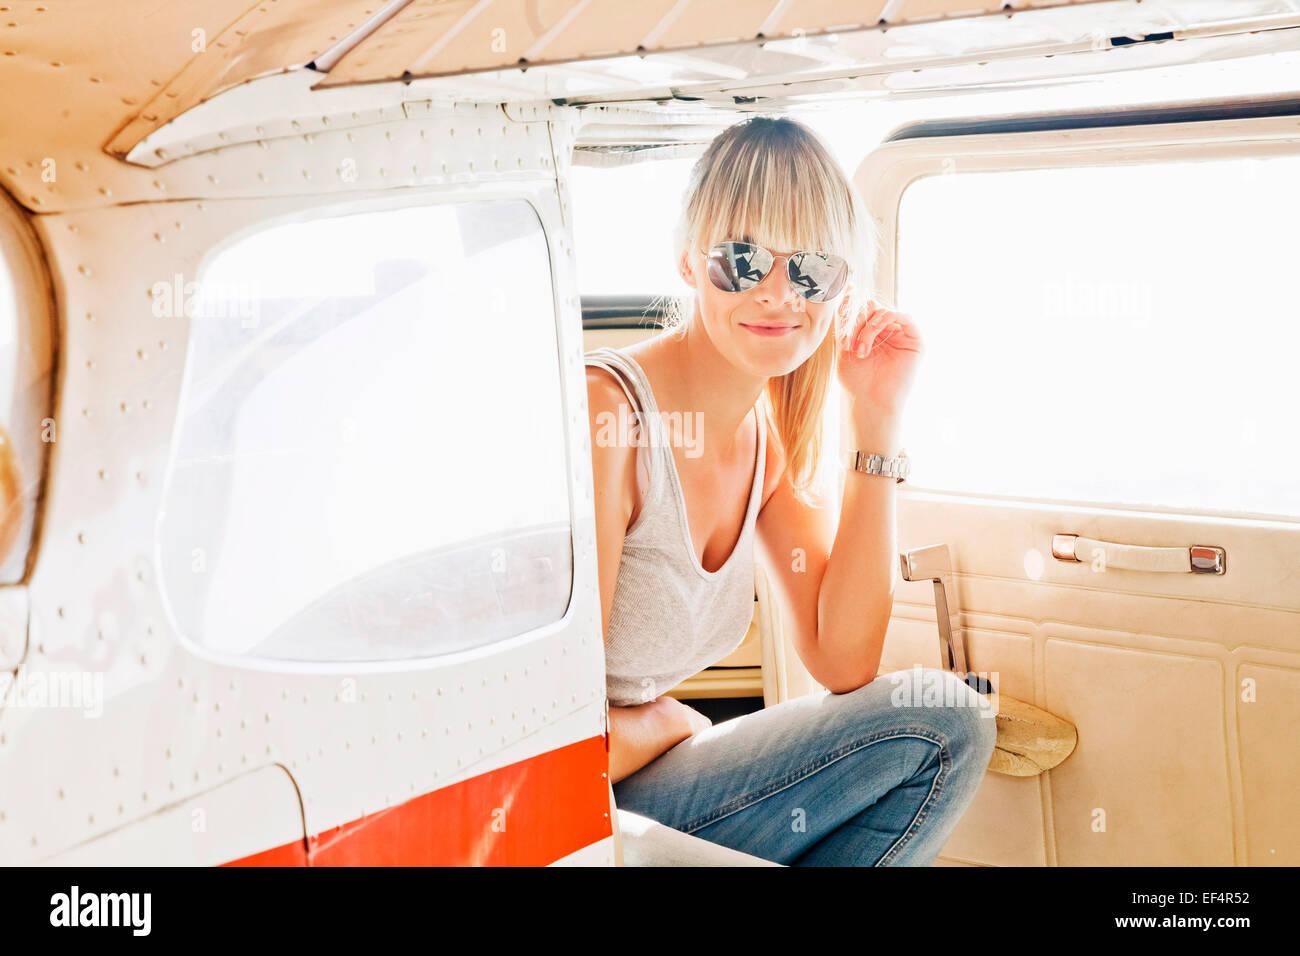 Jeune femme assise en avion privé Photo Stock